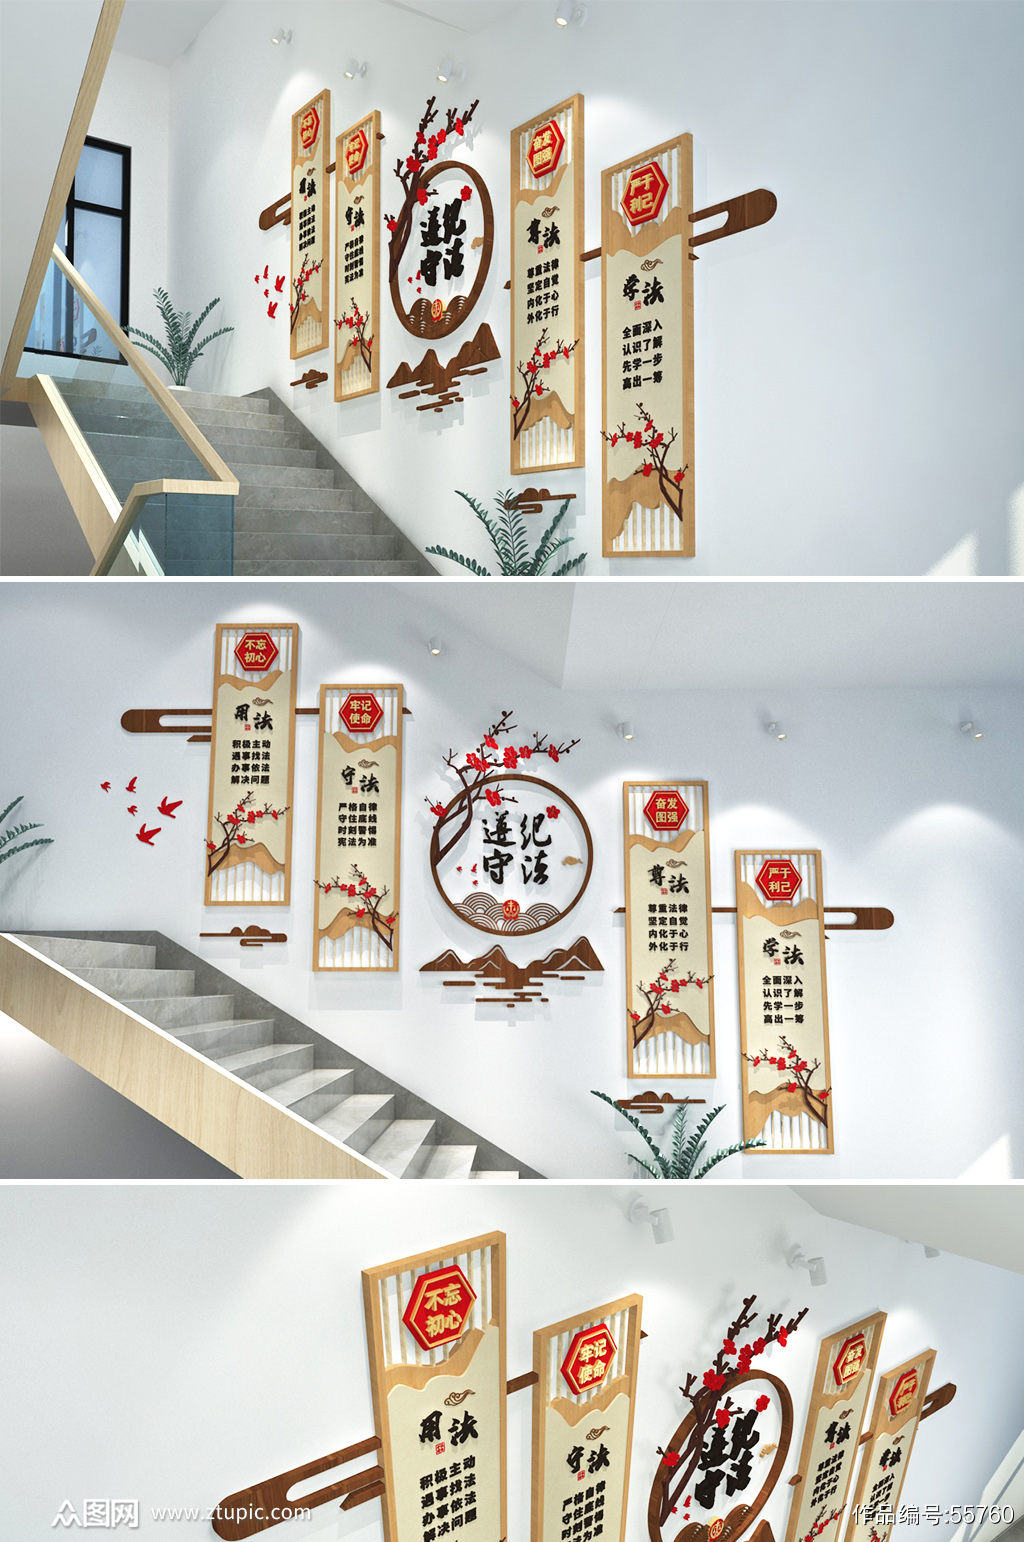 遵纪守法法治楼道楼梯司法文化墙素材